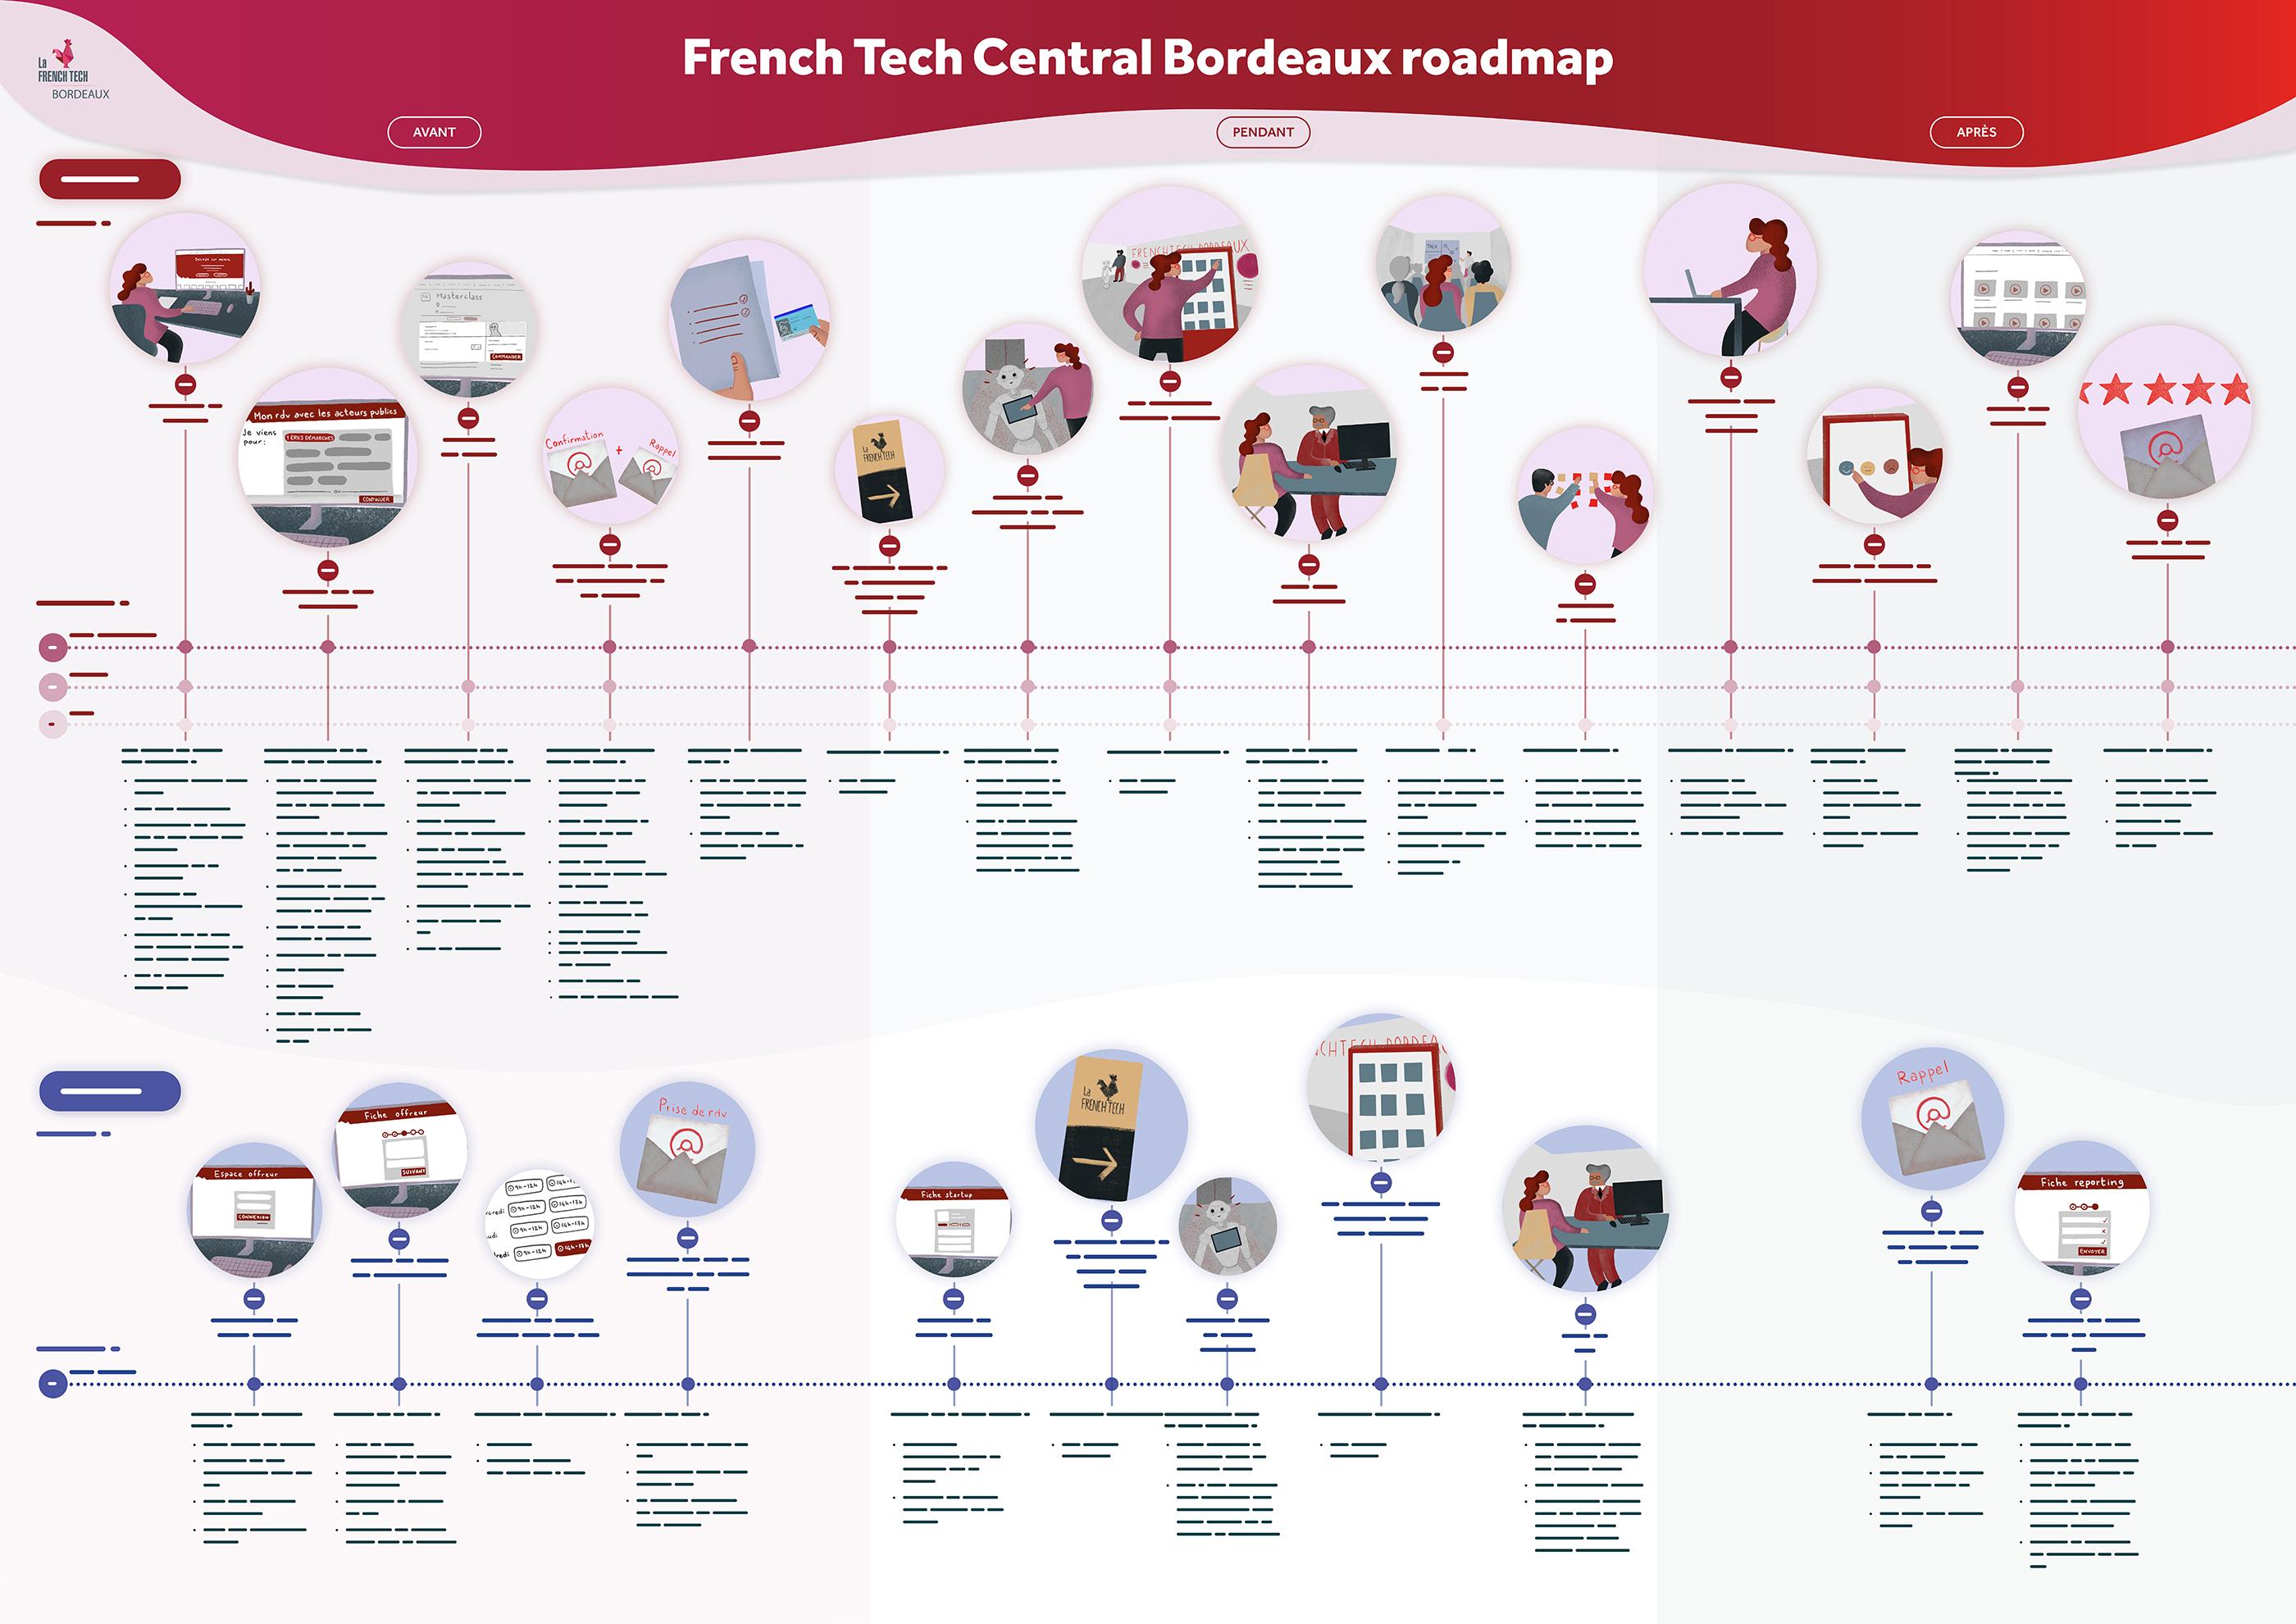 Le roadmap de l'expérience French Tech Central Bordeaux